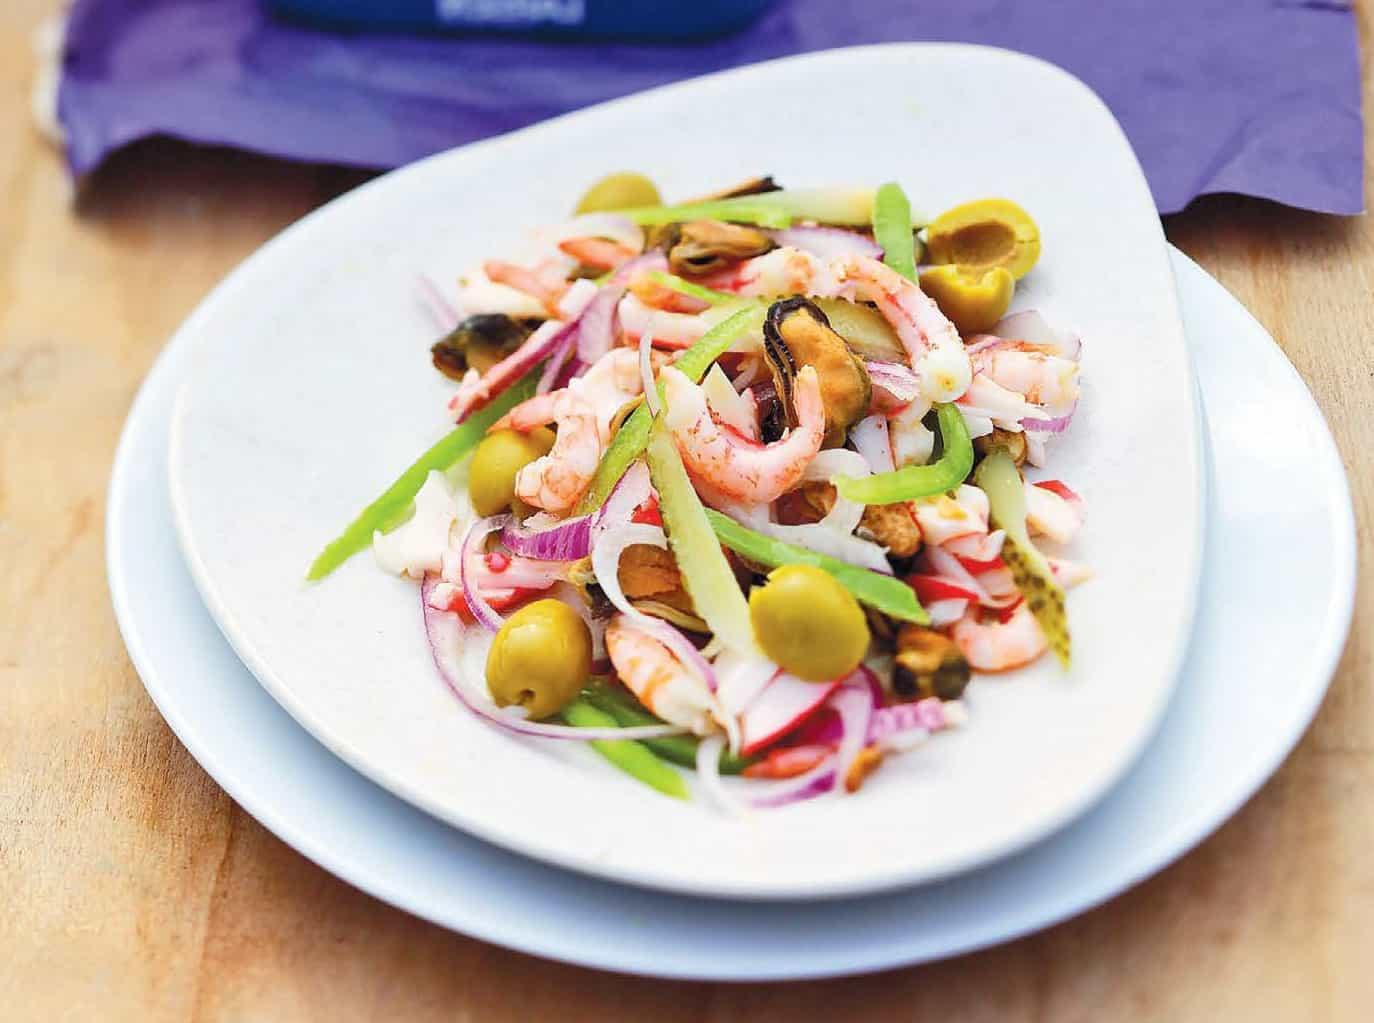 зеленые салат морской коктейль рецепты с фото галерея